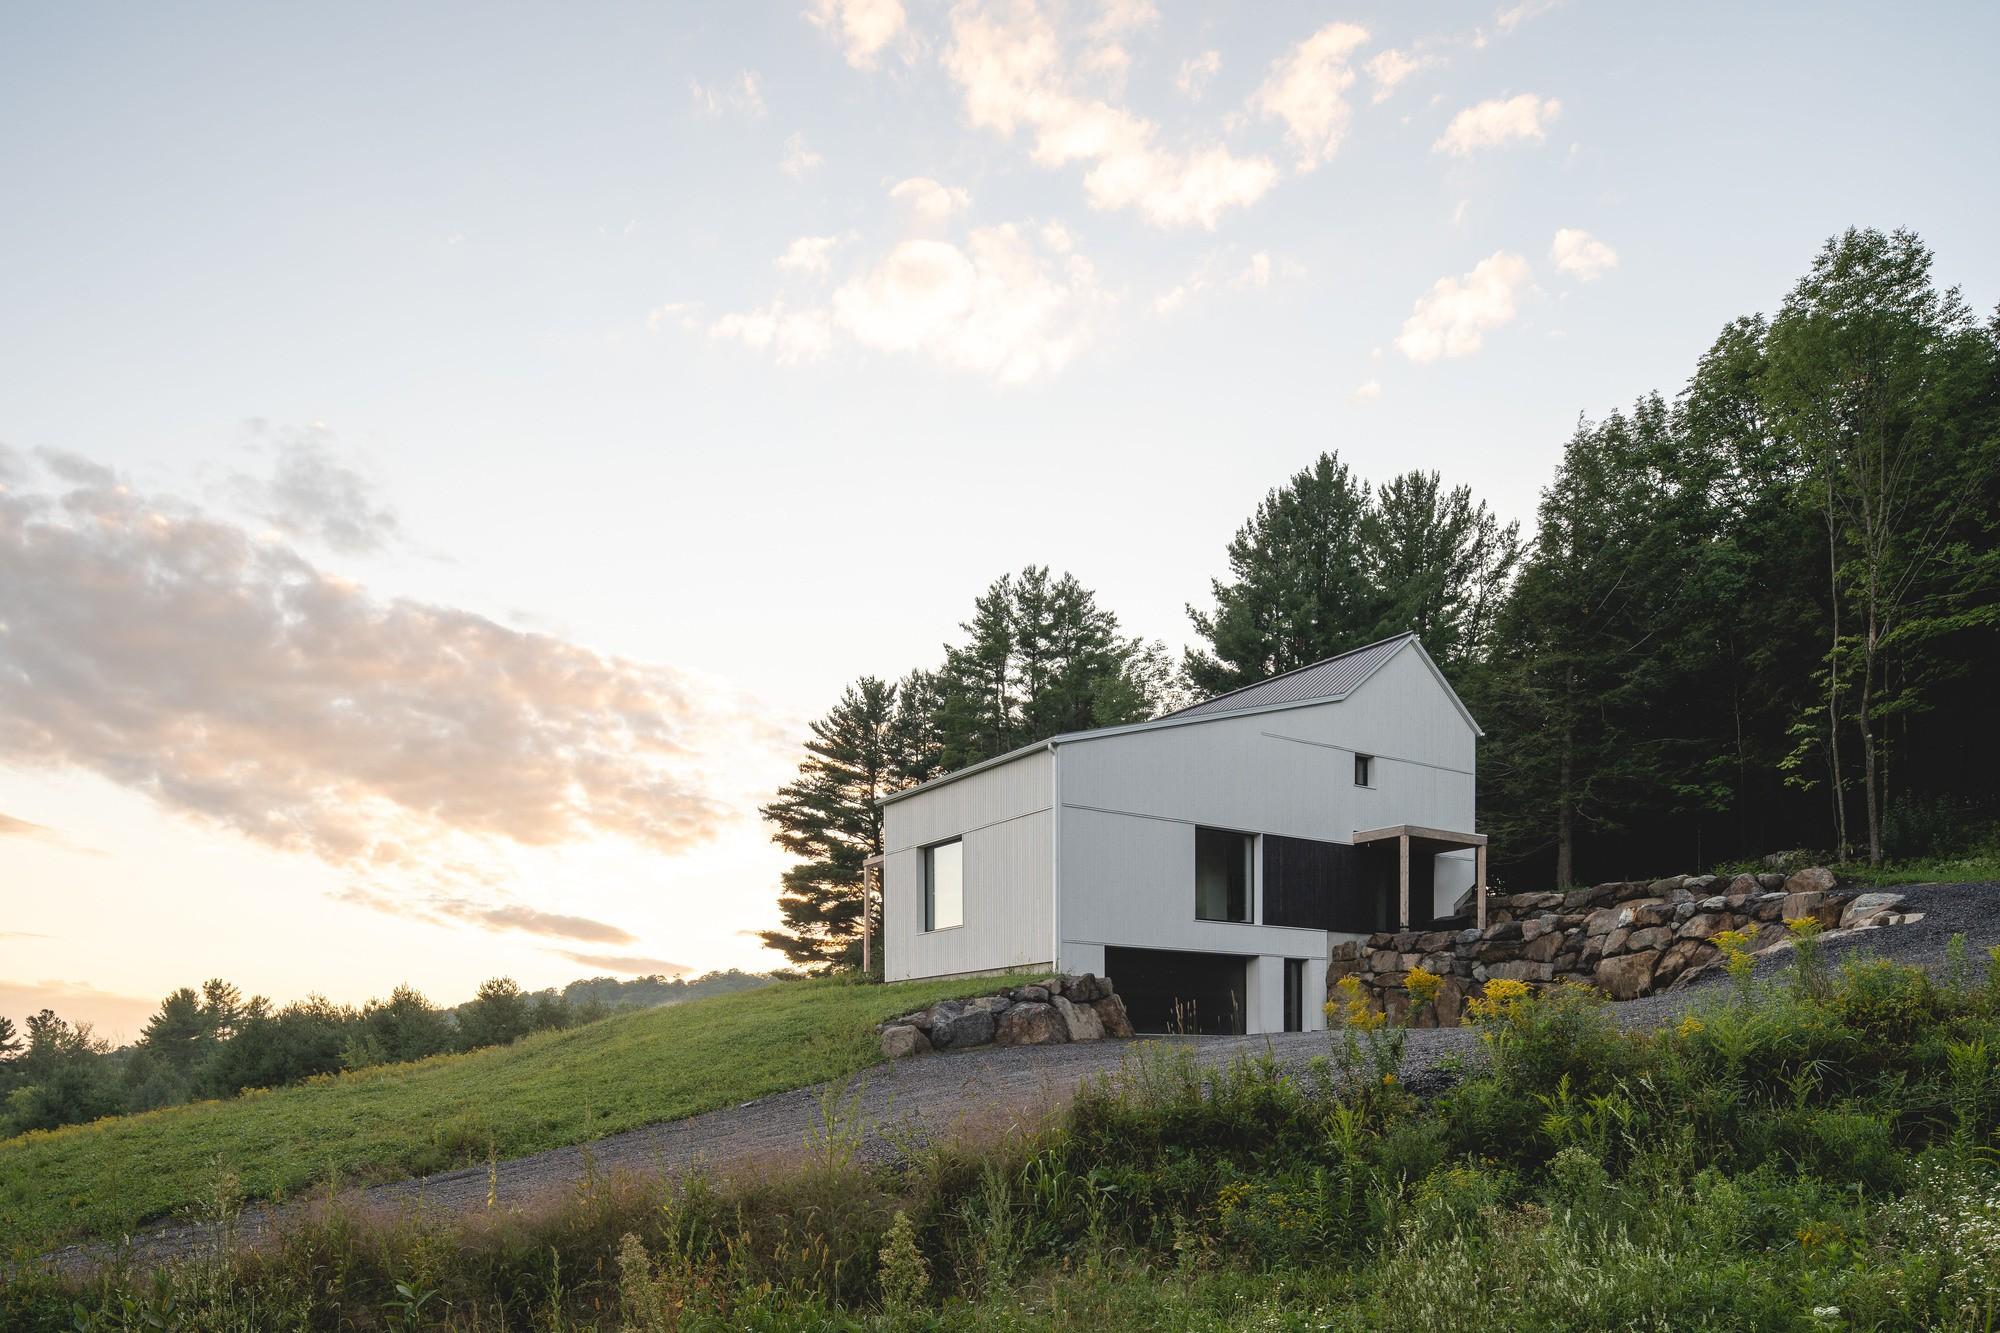 Пассивный дом на окраине заповедного леса